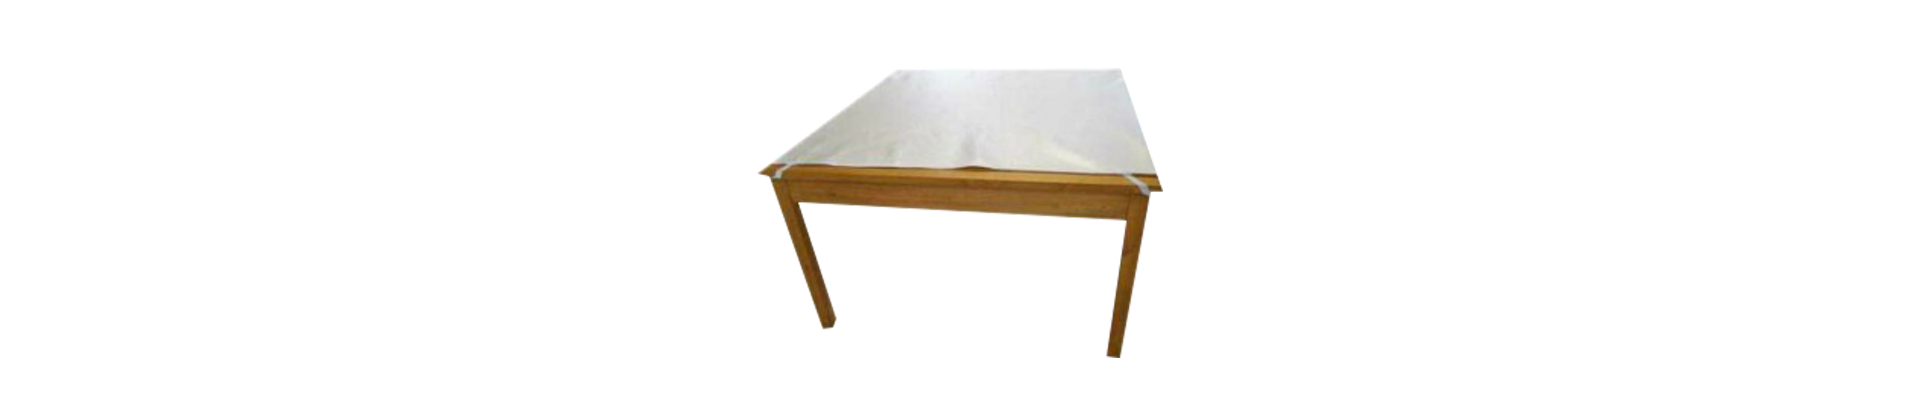 Protection de la table pour restaurants h tels et for Protection de table bulgomme